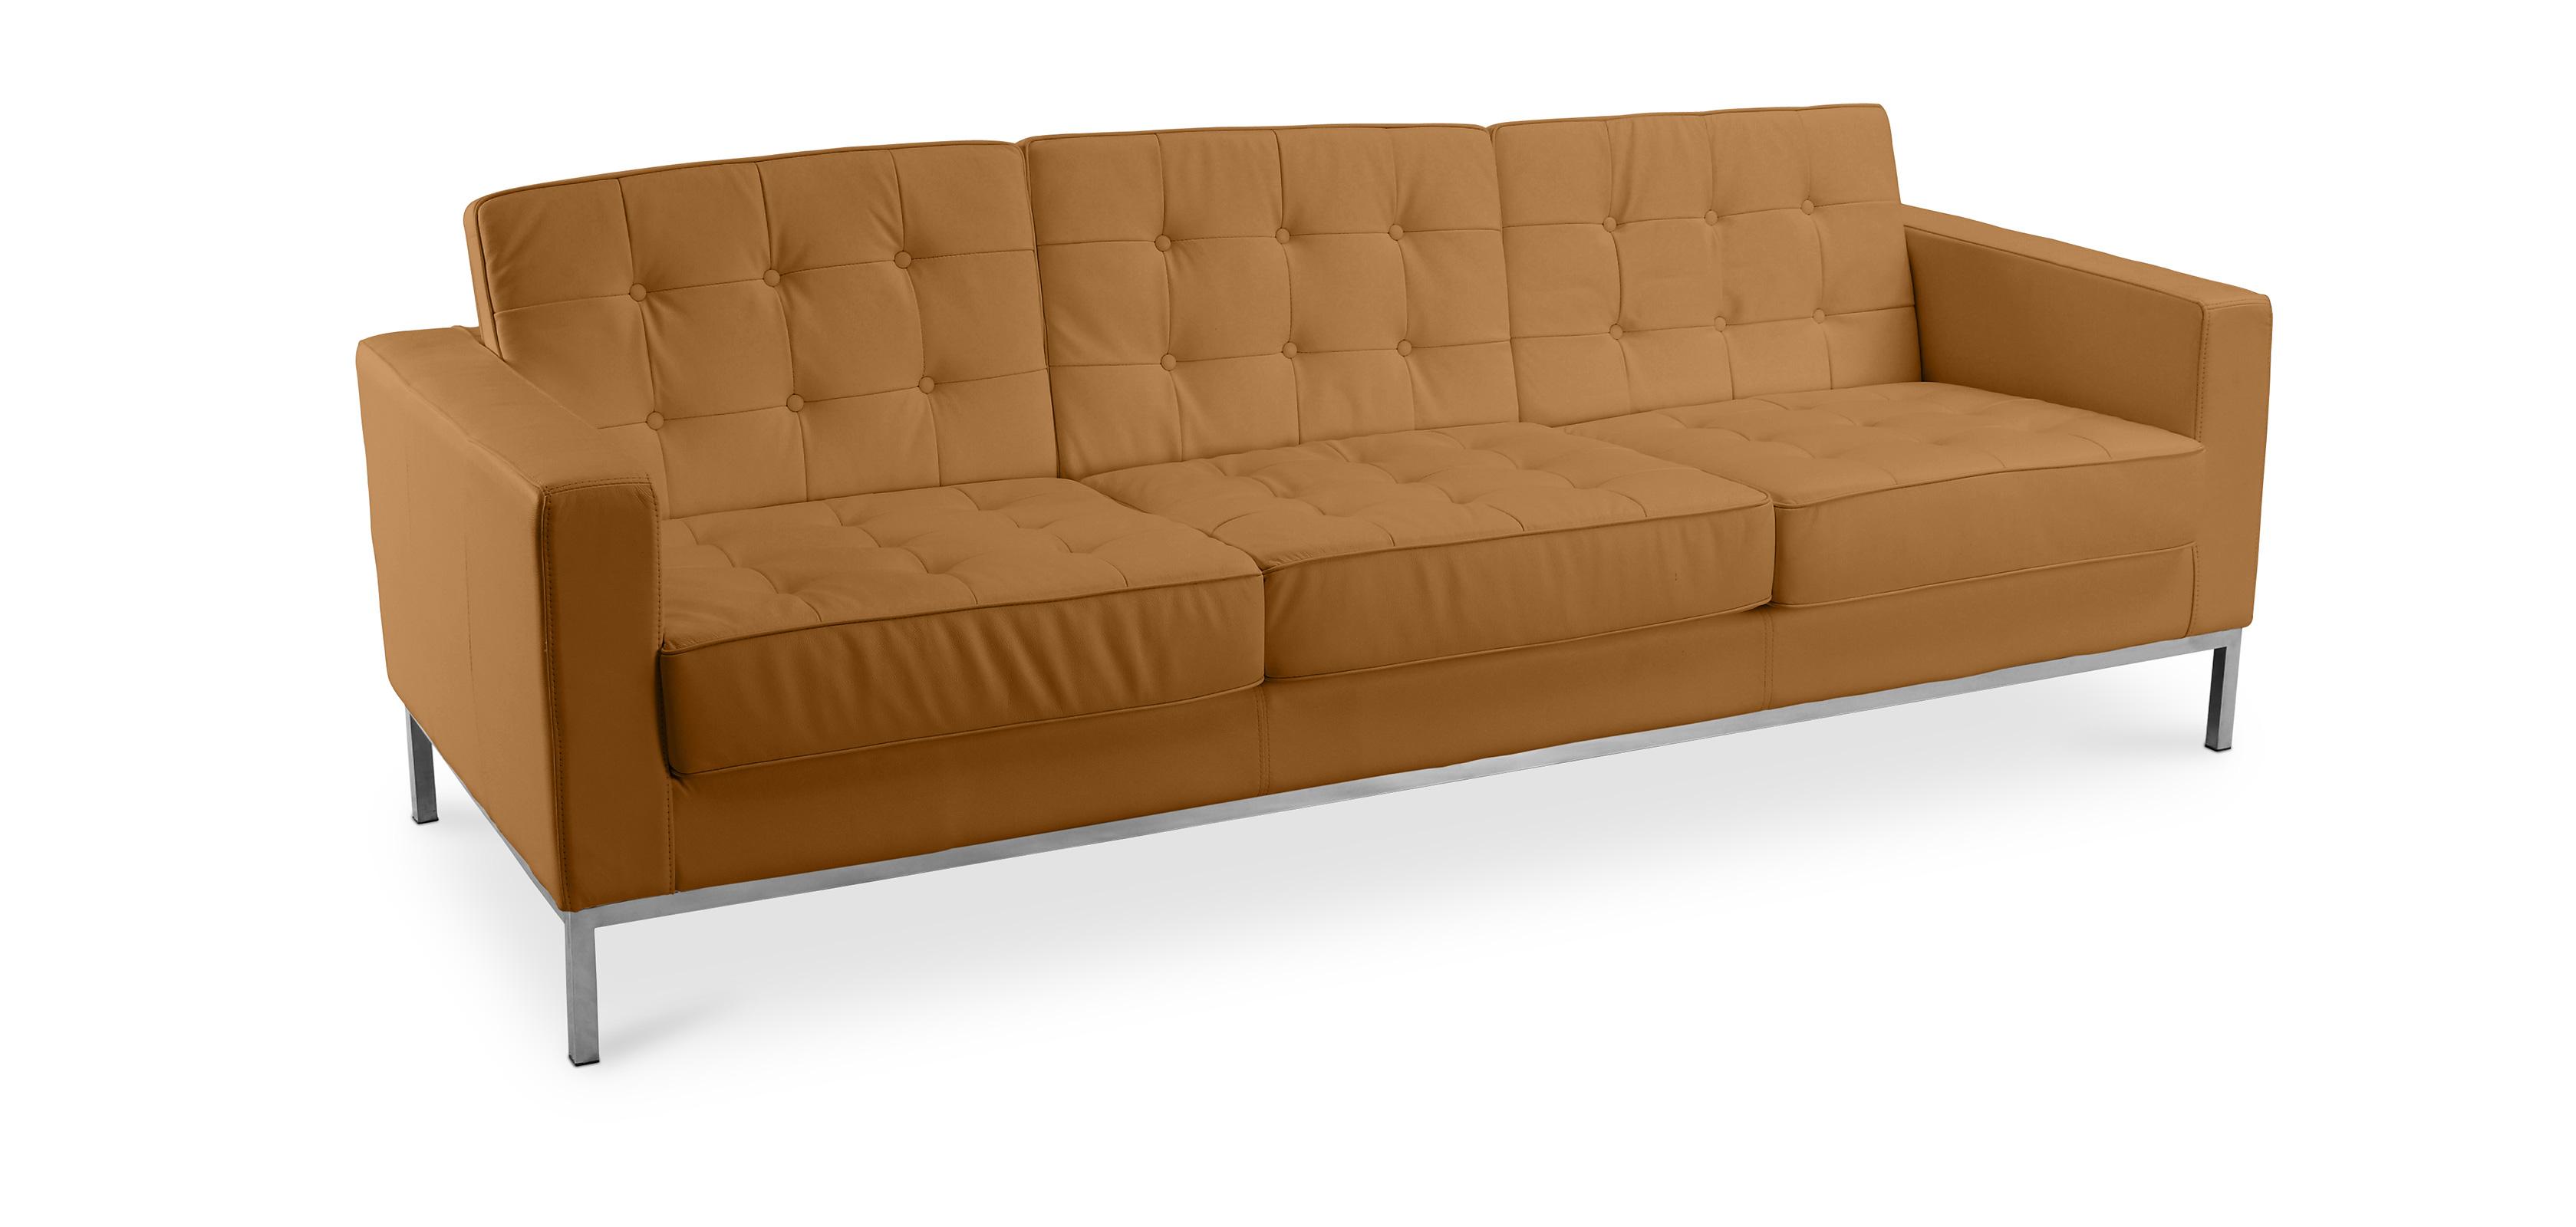 Design Sofa Kanel (Dreisitzer) - Hochwertiges Leder